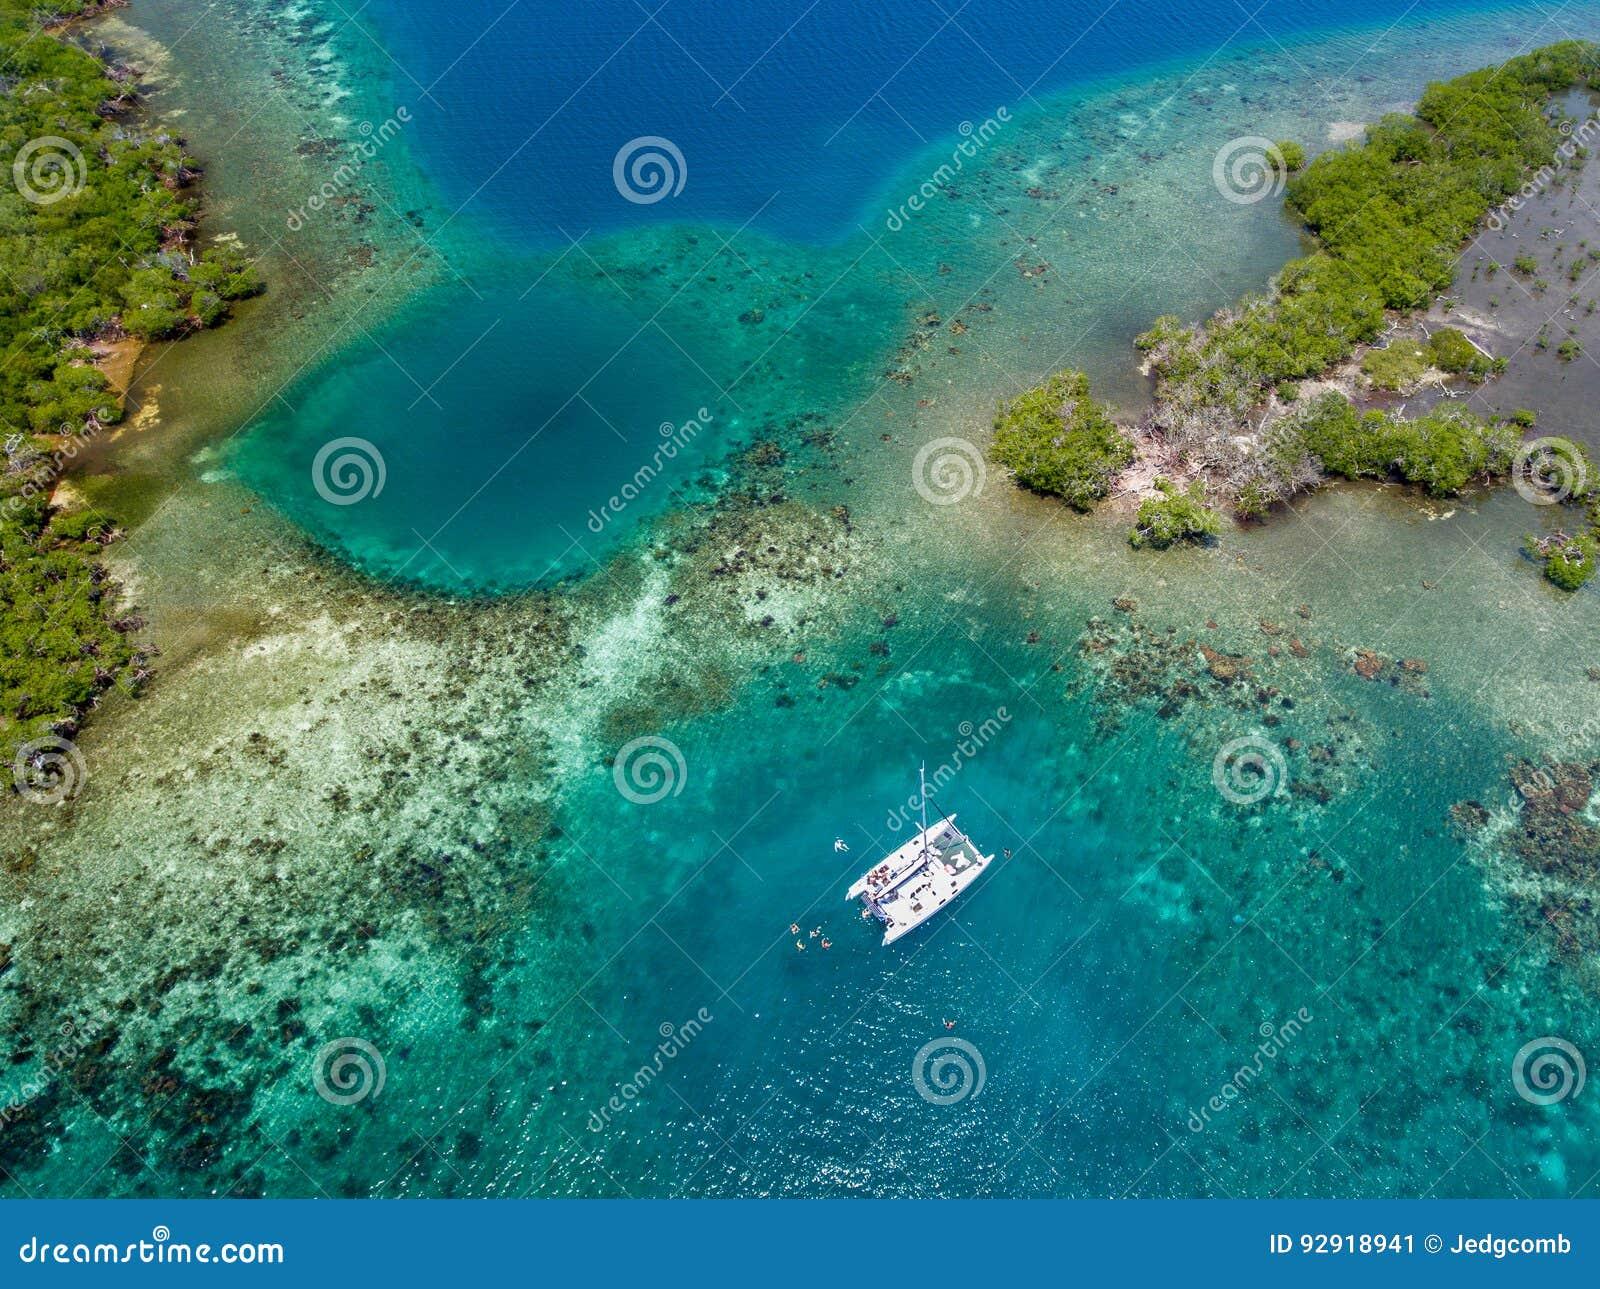 Καταμαράν στην κοραλλιογενή ύφαλο στην ακτή της Μπελίζ